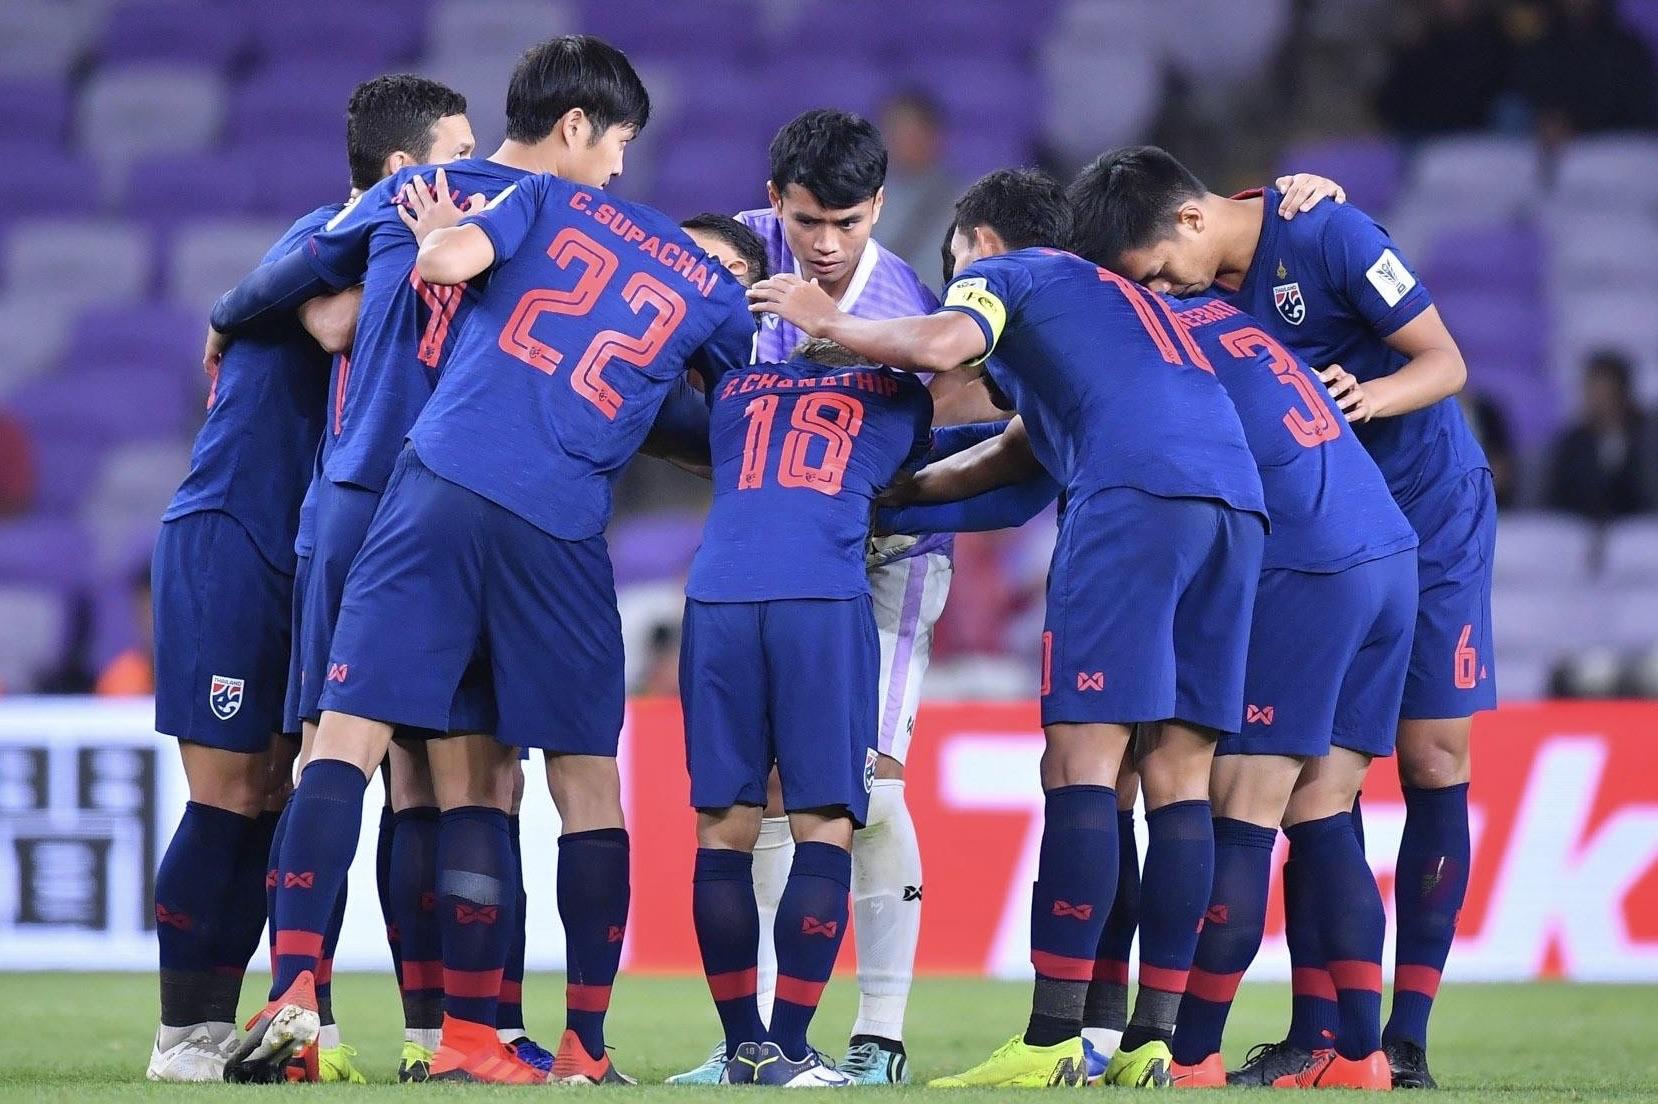 ทีมชาติไทย นฤบดินทร์ วีรวัฒโนดม สารัช อยู่เย็น เกริกฤทธิ์ ทวีกาญจน์ ไชน่า คัพ 2019